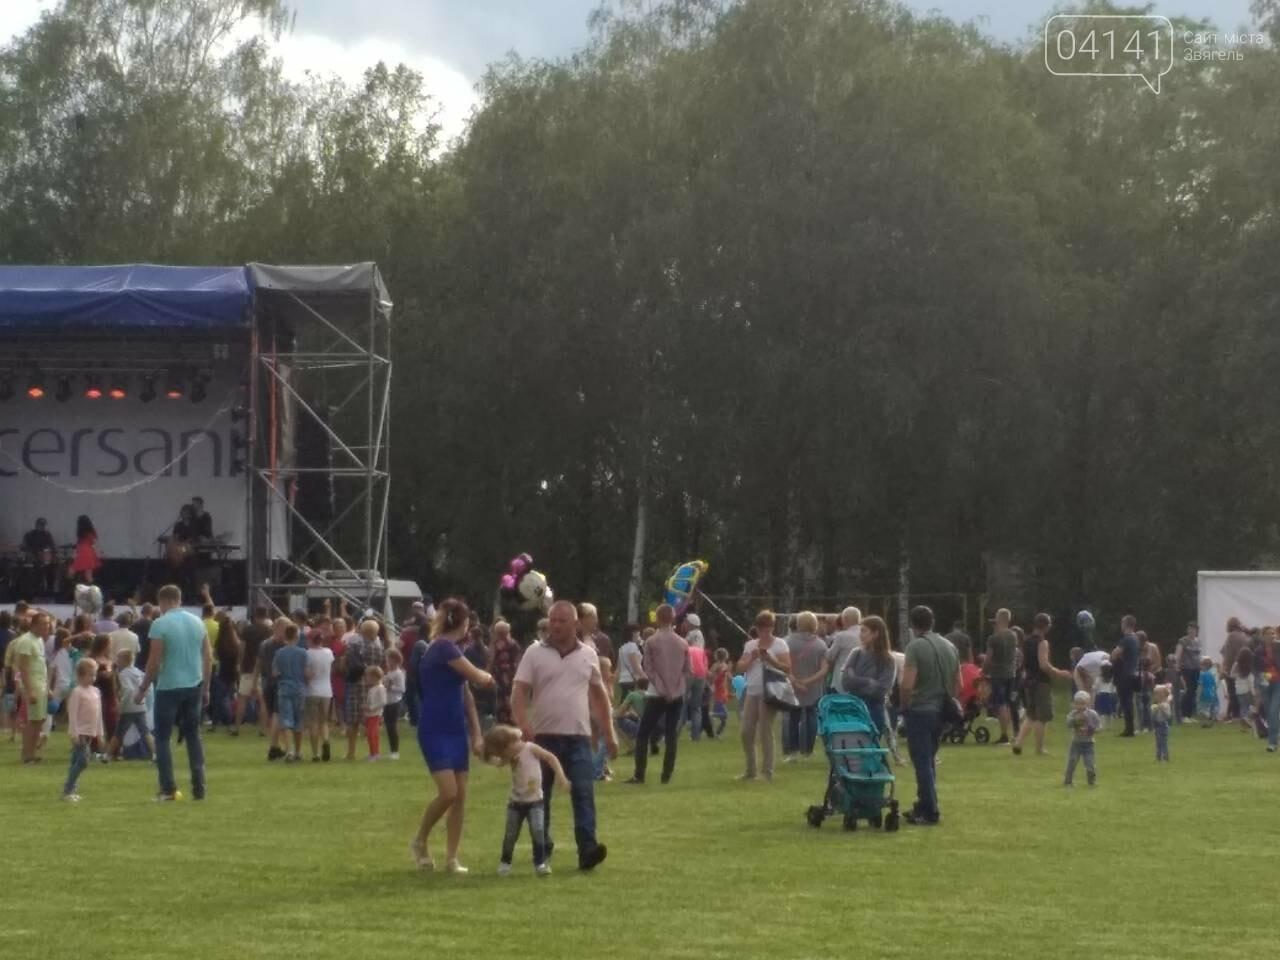 На День Церсаніту-2018 у Новоград-Волинський завітав гурт Lama (ФОТО), фото-5